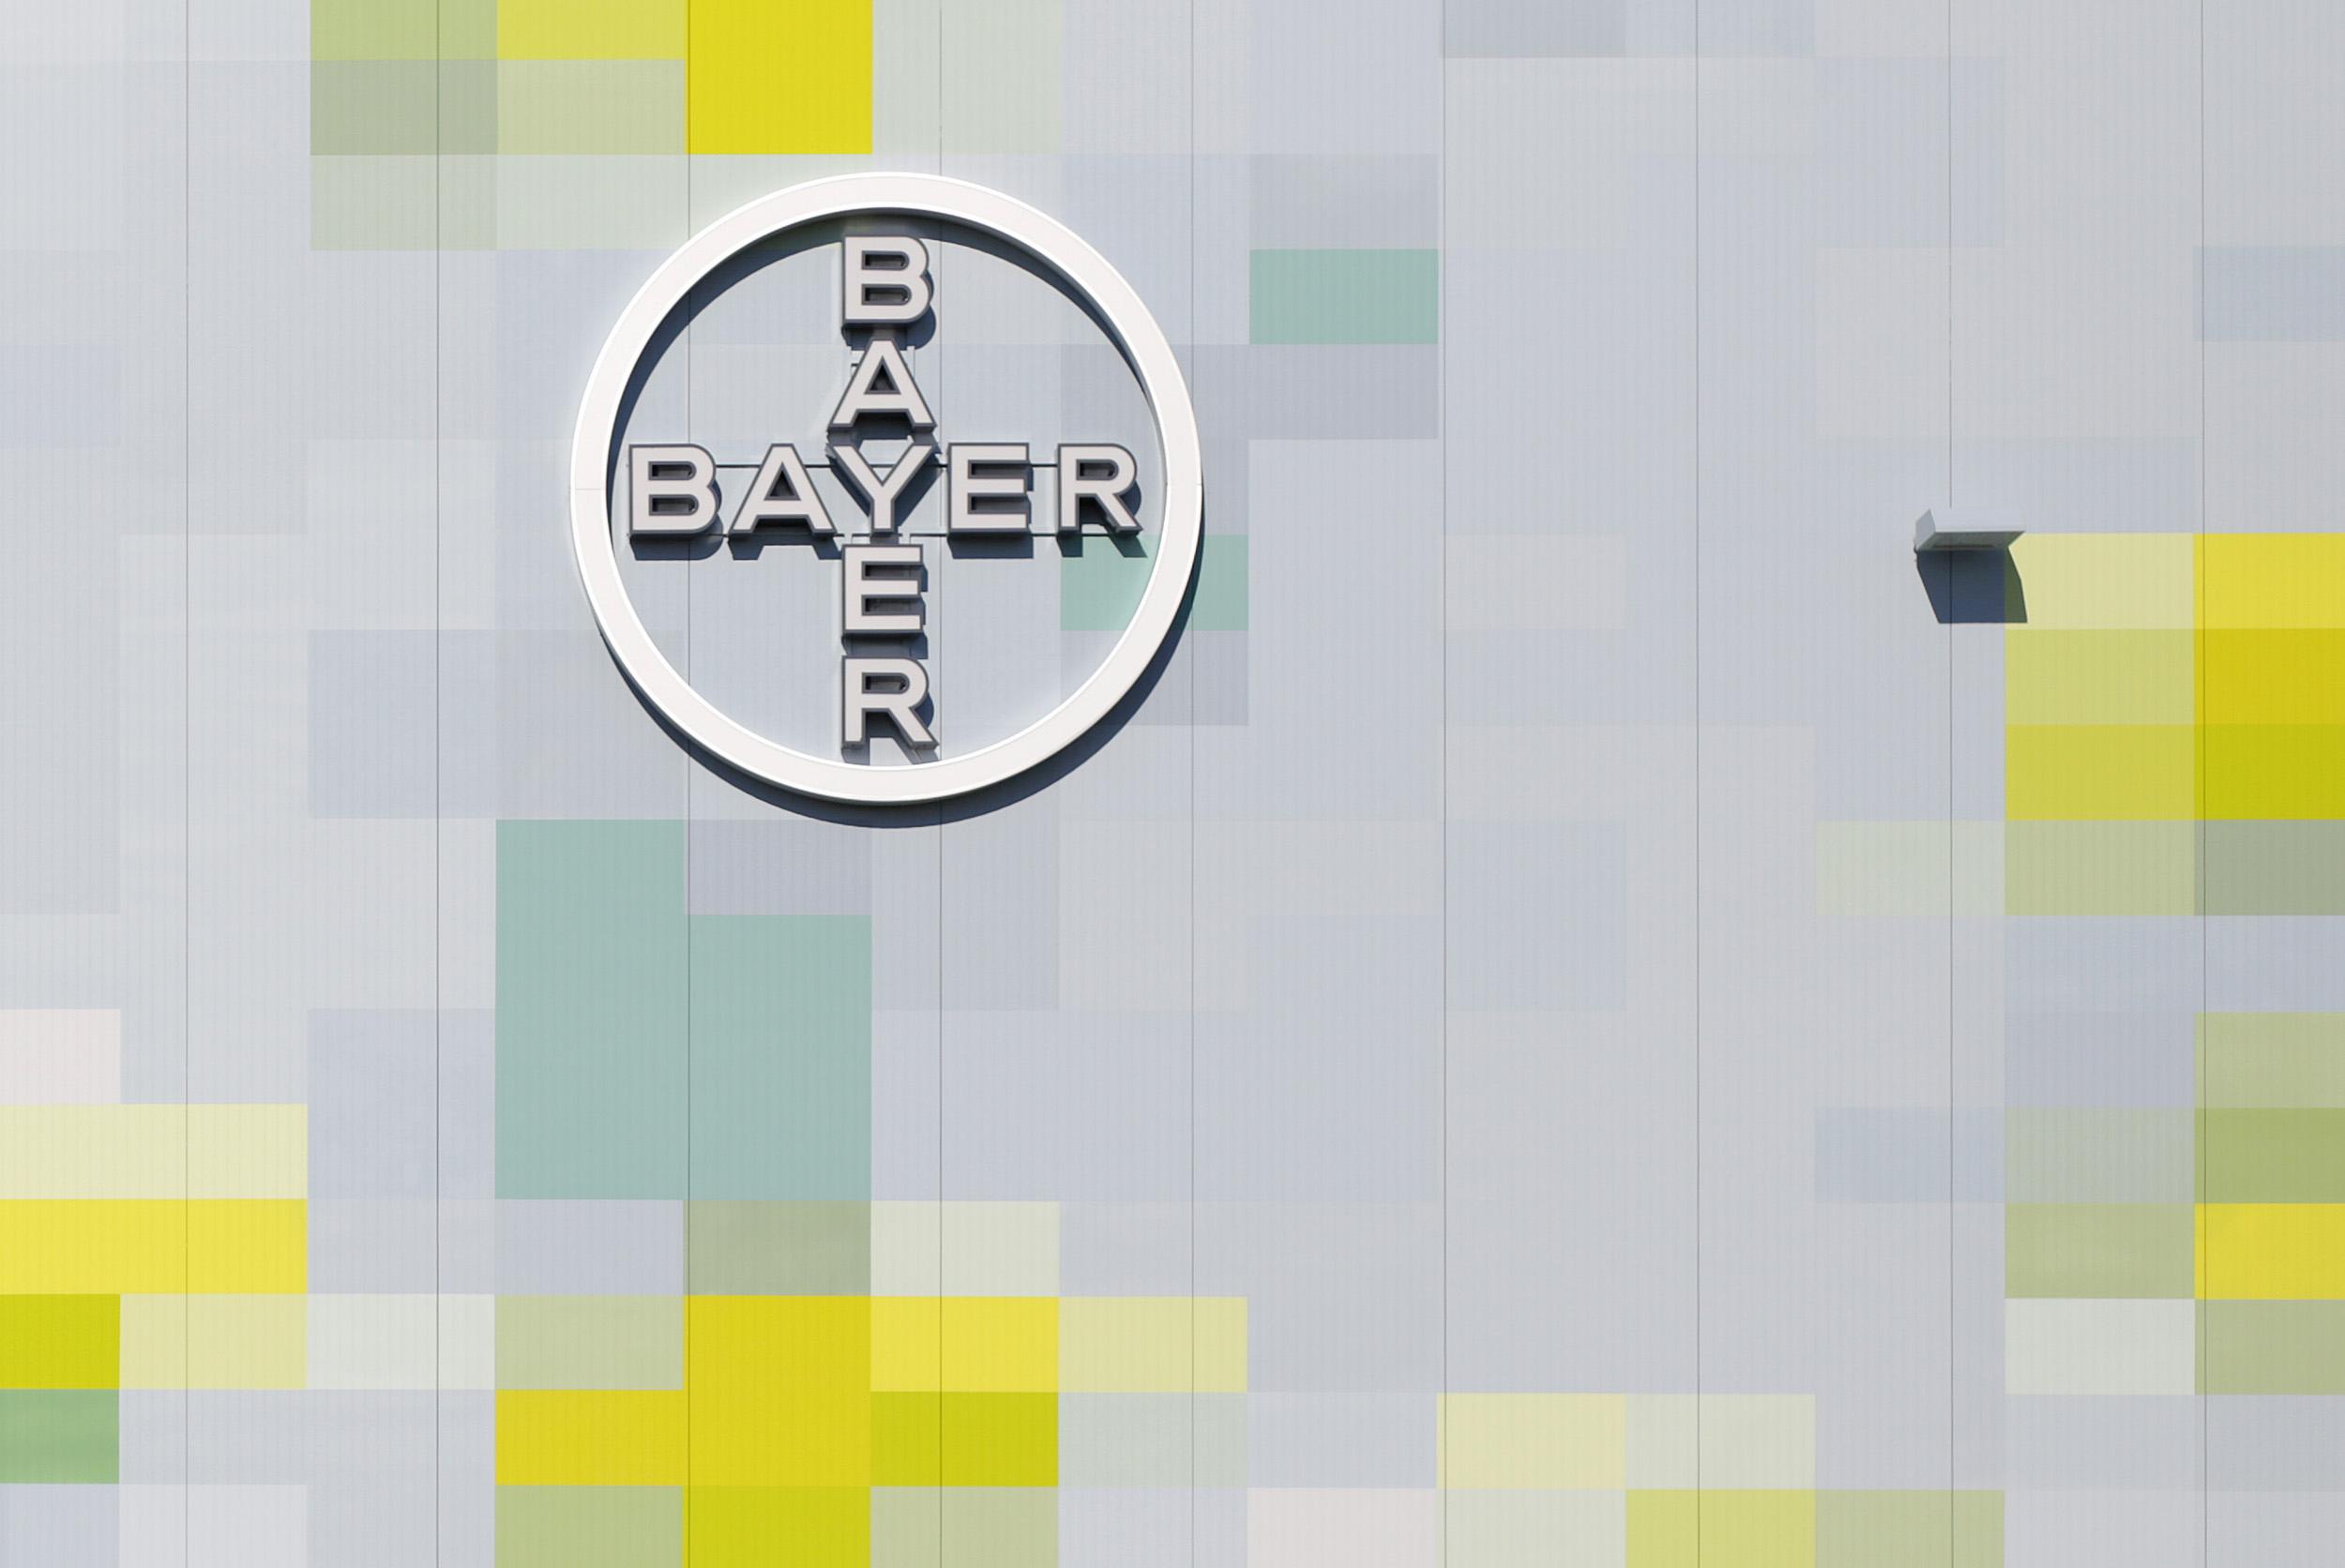 Fassadengestaltung-Industrie-Bayer-Monheim-lager-fassadenverkleidung-wand-logo-pixel-natur-umwelt-bilder.jpg